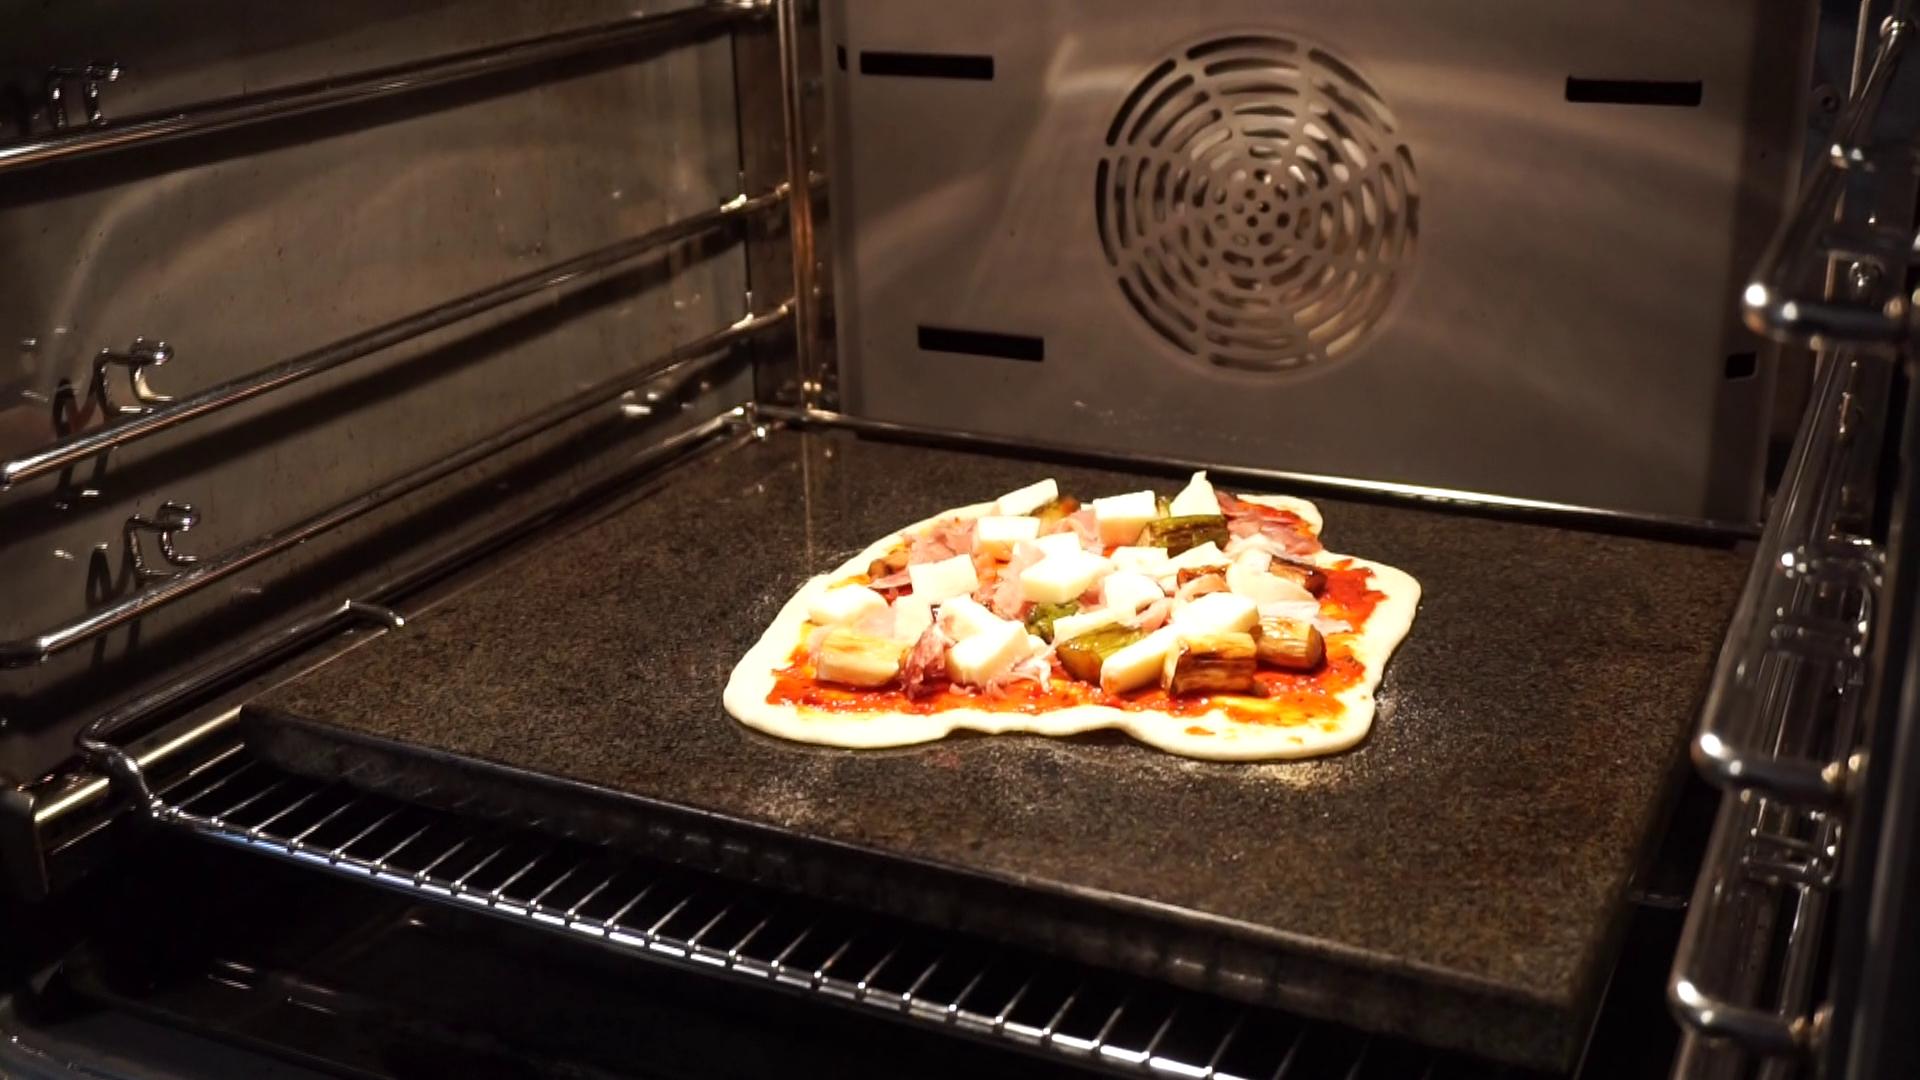 Enders Gasgrill Pizza : Welchen pizzastein soll ich kaufen u pizzastein test mit pizza